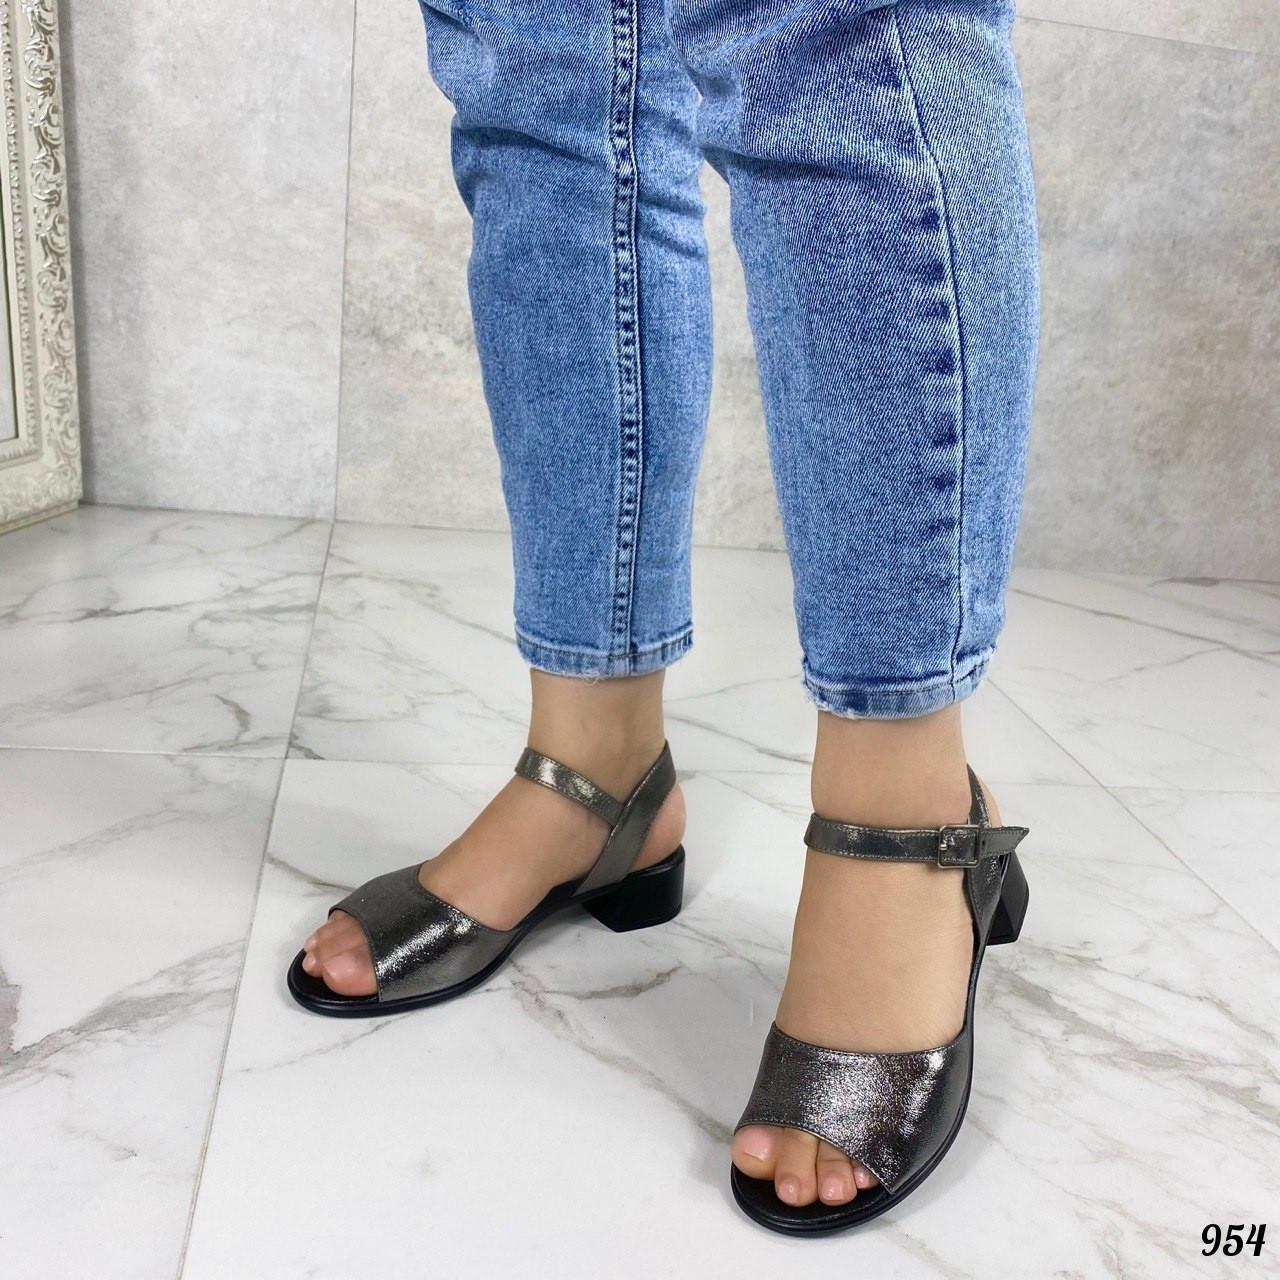 Кожаные босоножки на маленьком каблуке никель